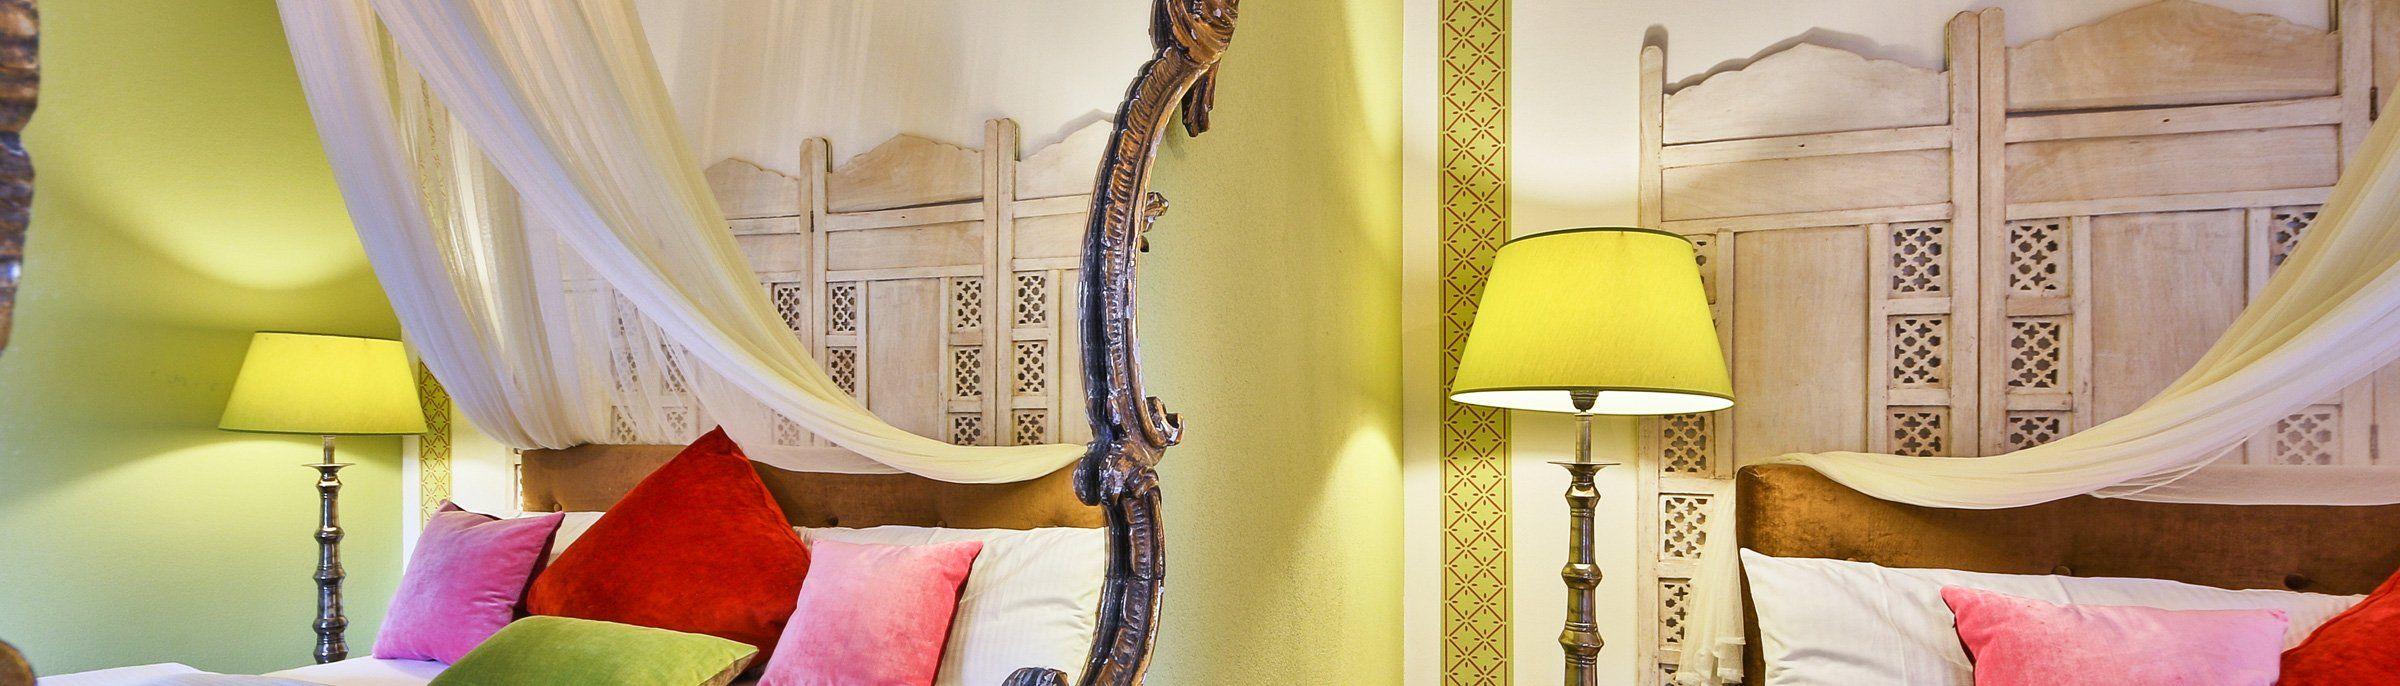 Inneneinrichtung Zimmer Villa Waldfrieden Bio und